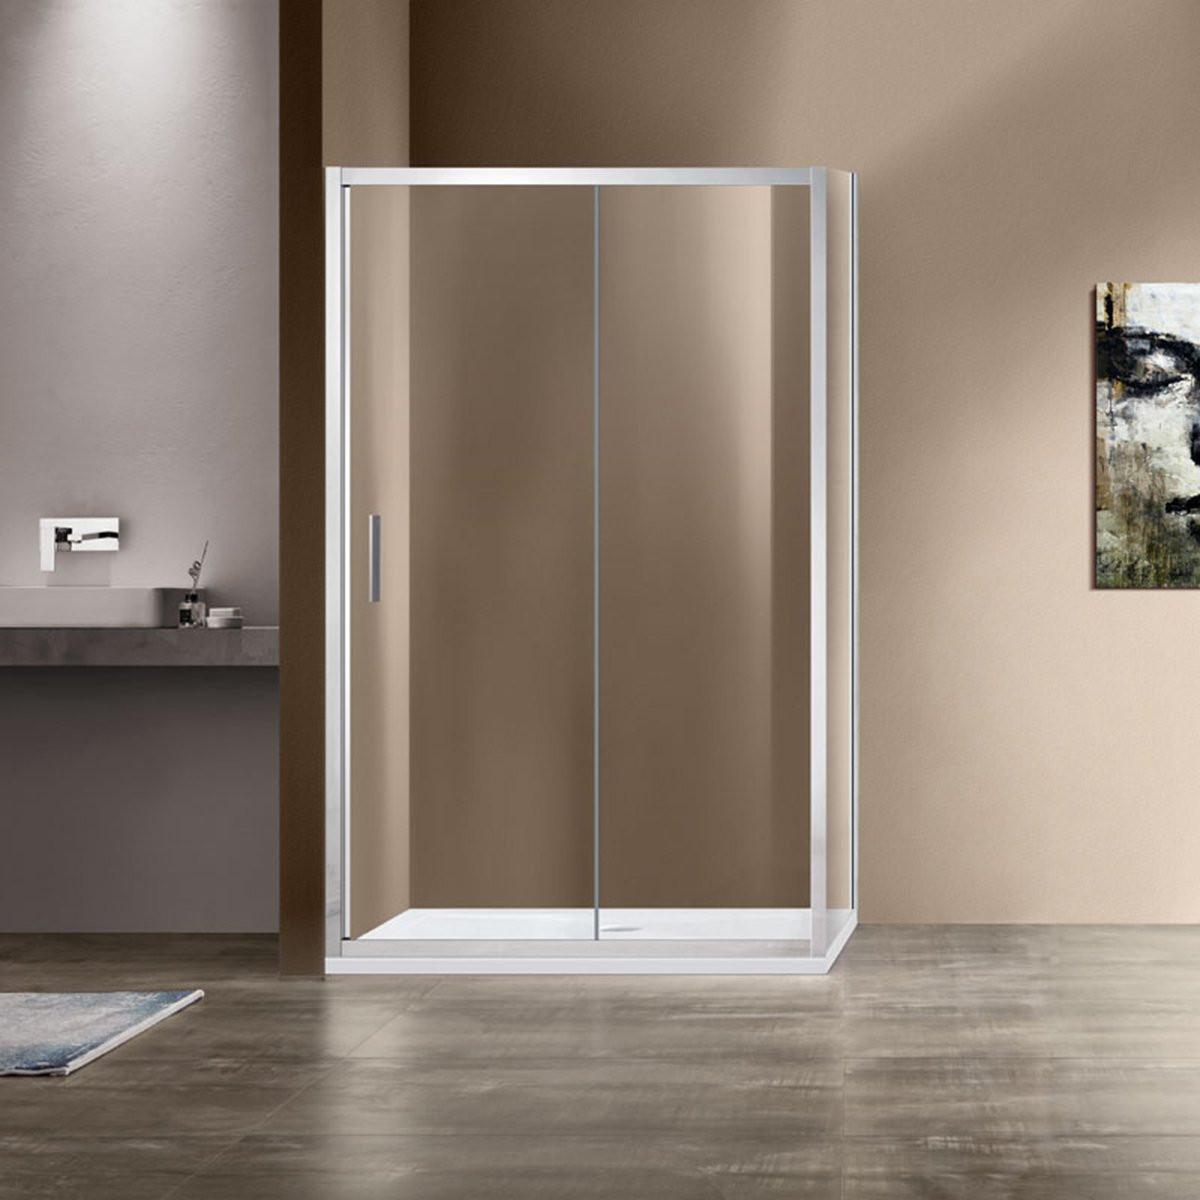 Душевой уголок Garda VSR-1G8011CL, 1100*800, хром, стекло прозачное